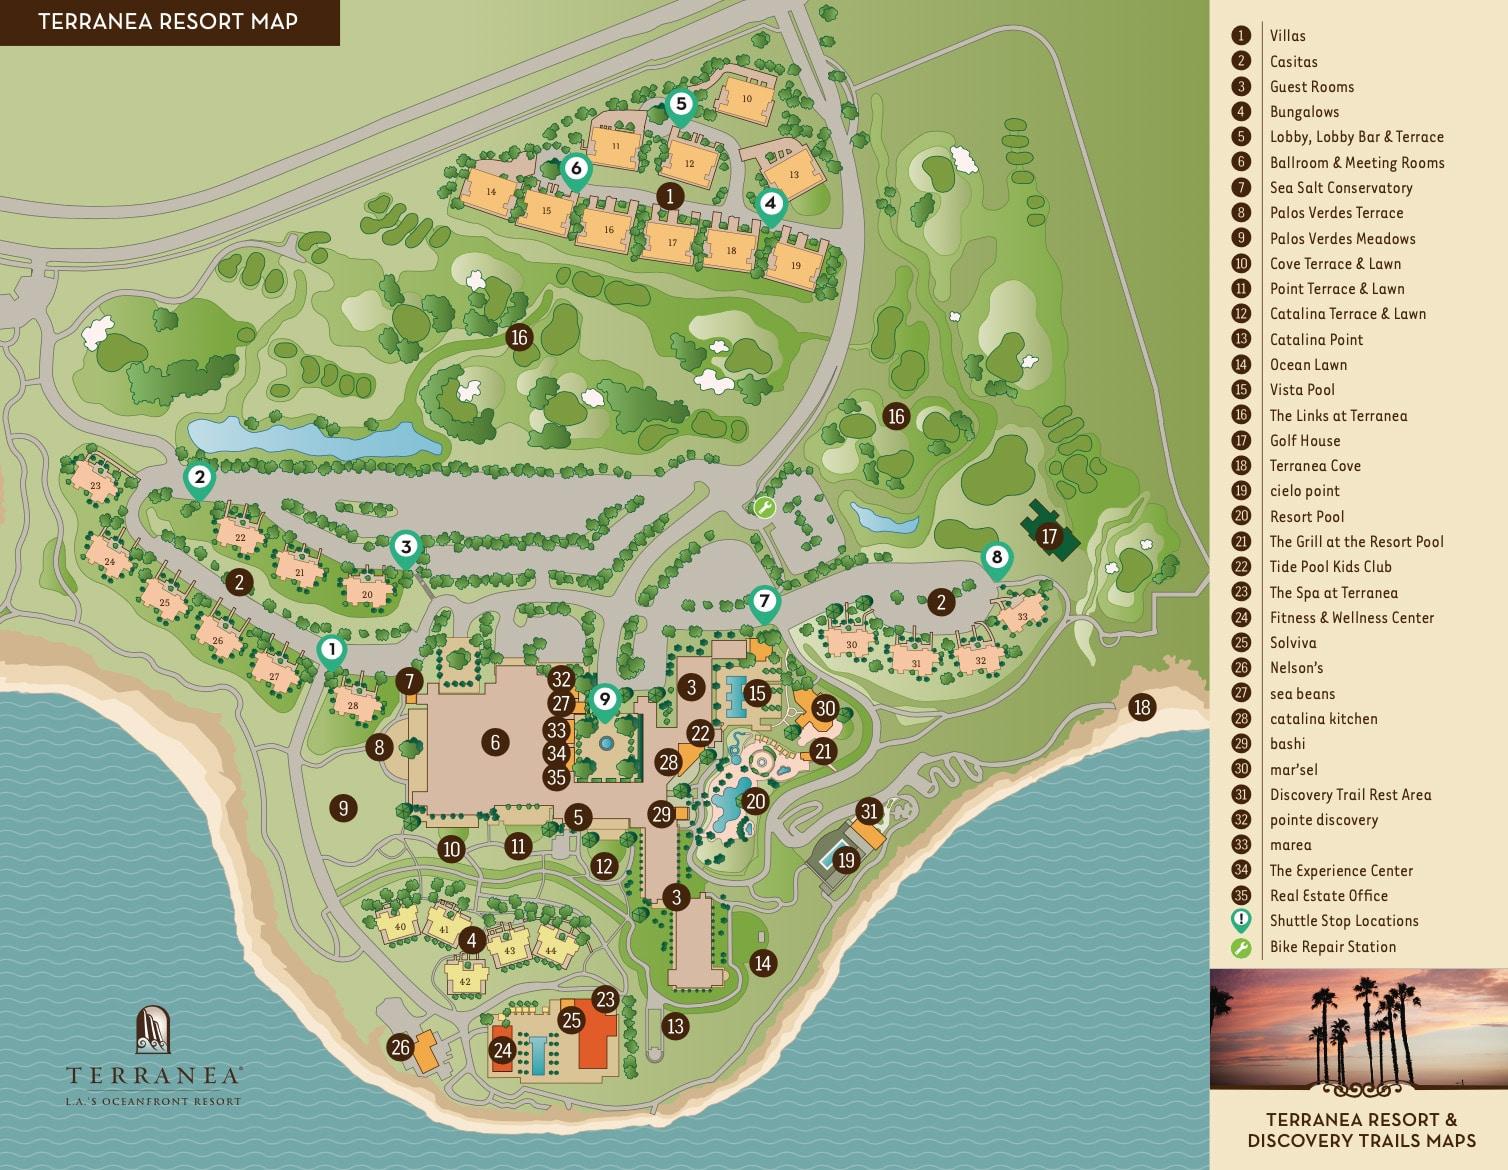 resort map of terranea